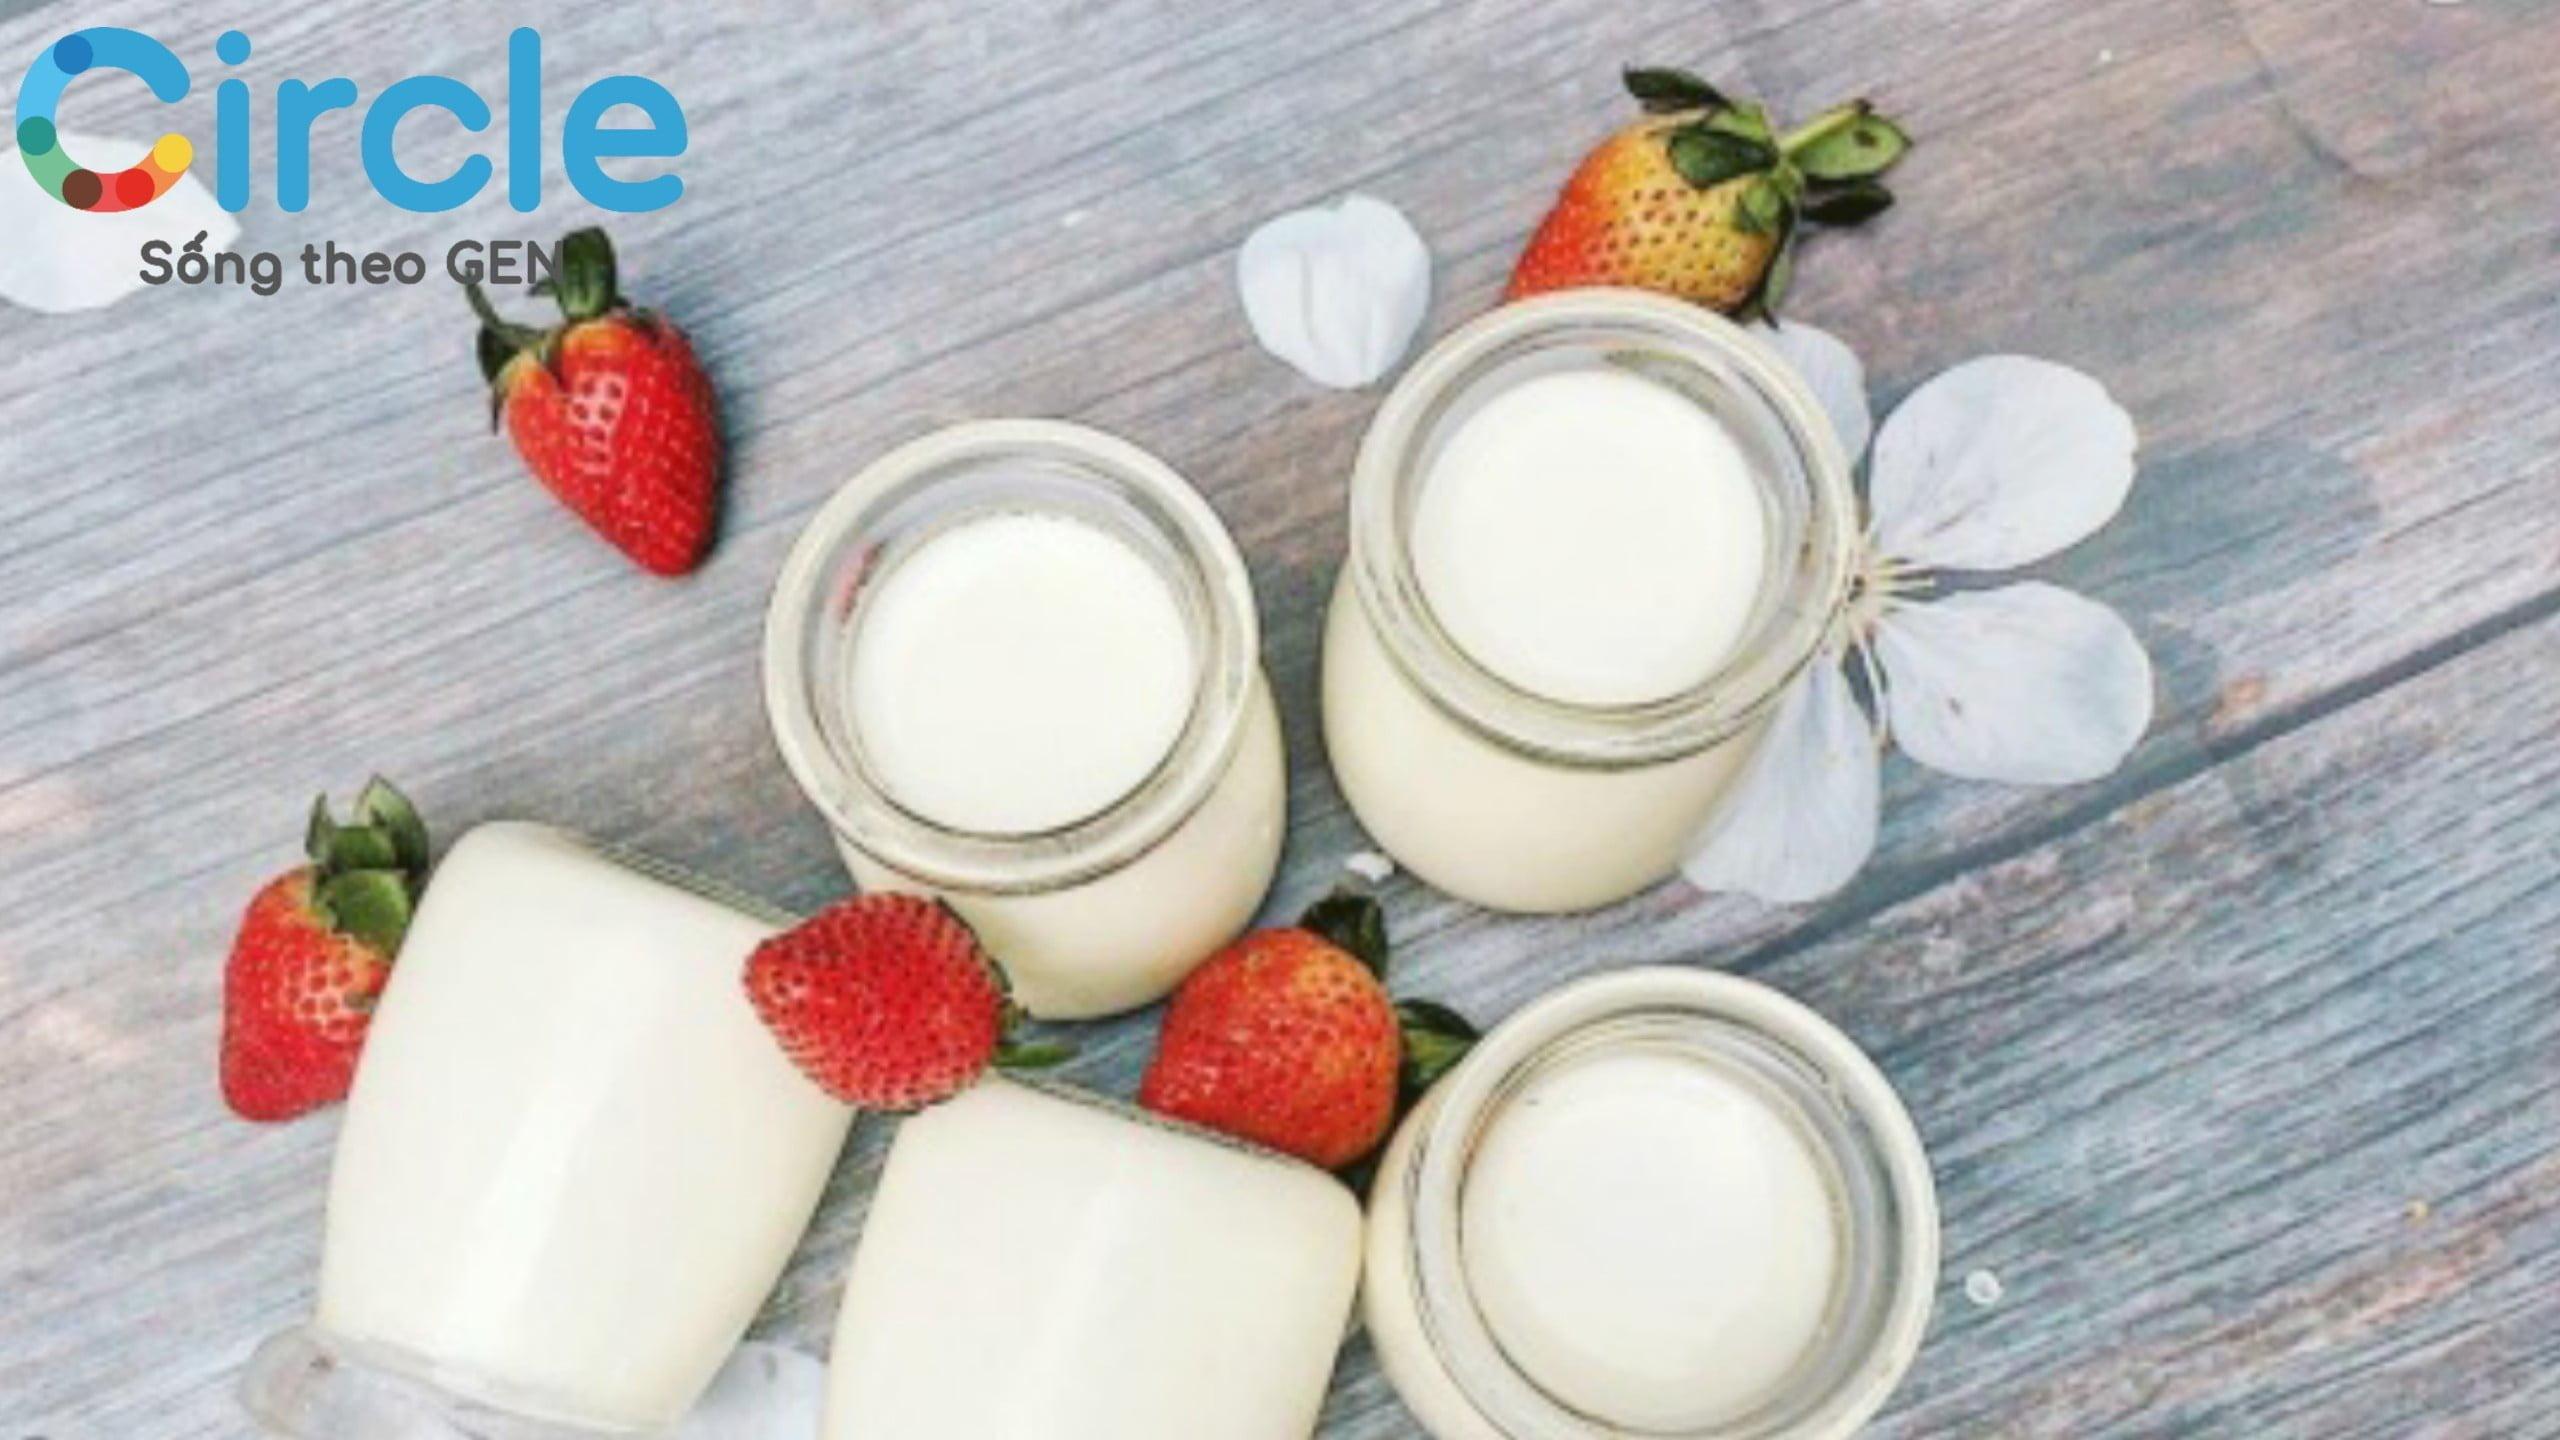 Sữa chua có chứa vô vàn lợi khuẩn, rất tốt cho đường tiêu hoá của trẻ. Thực phẩm nên có trong chế độ ăn cho trẻ 8 tháng tuổi.